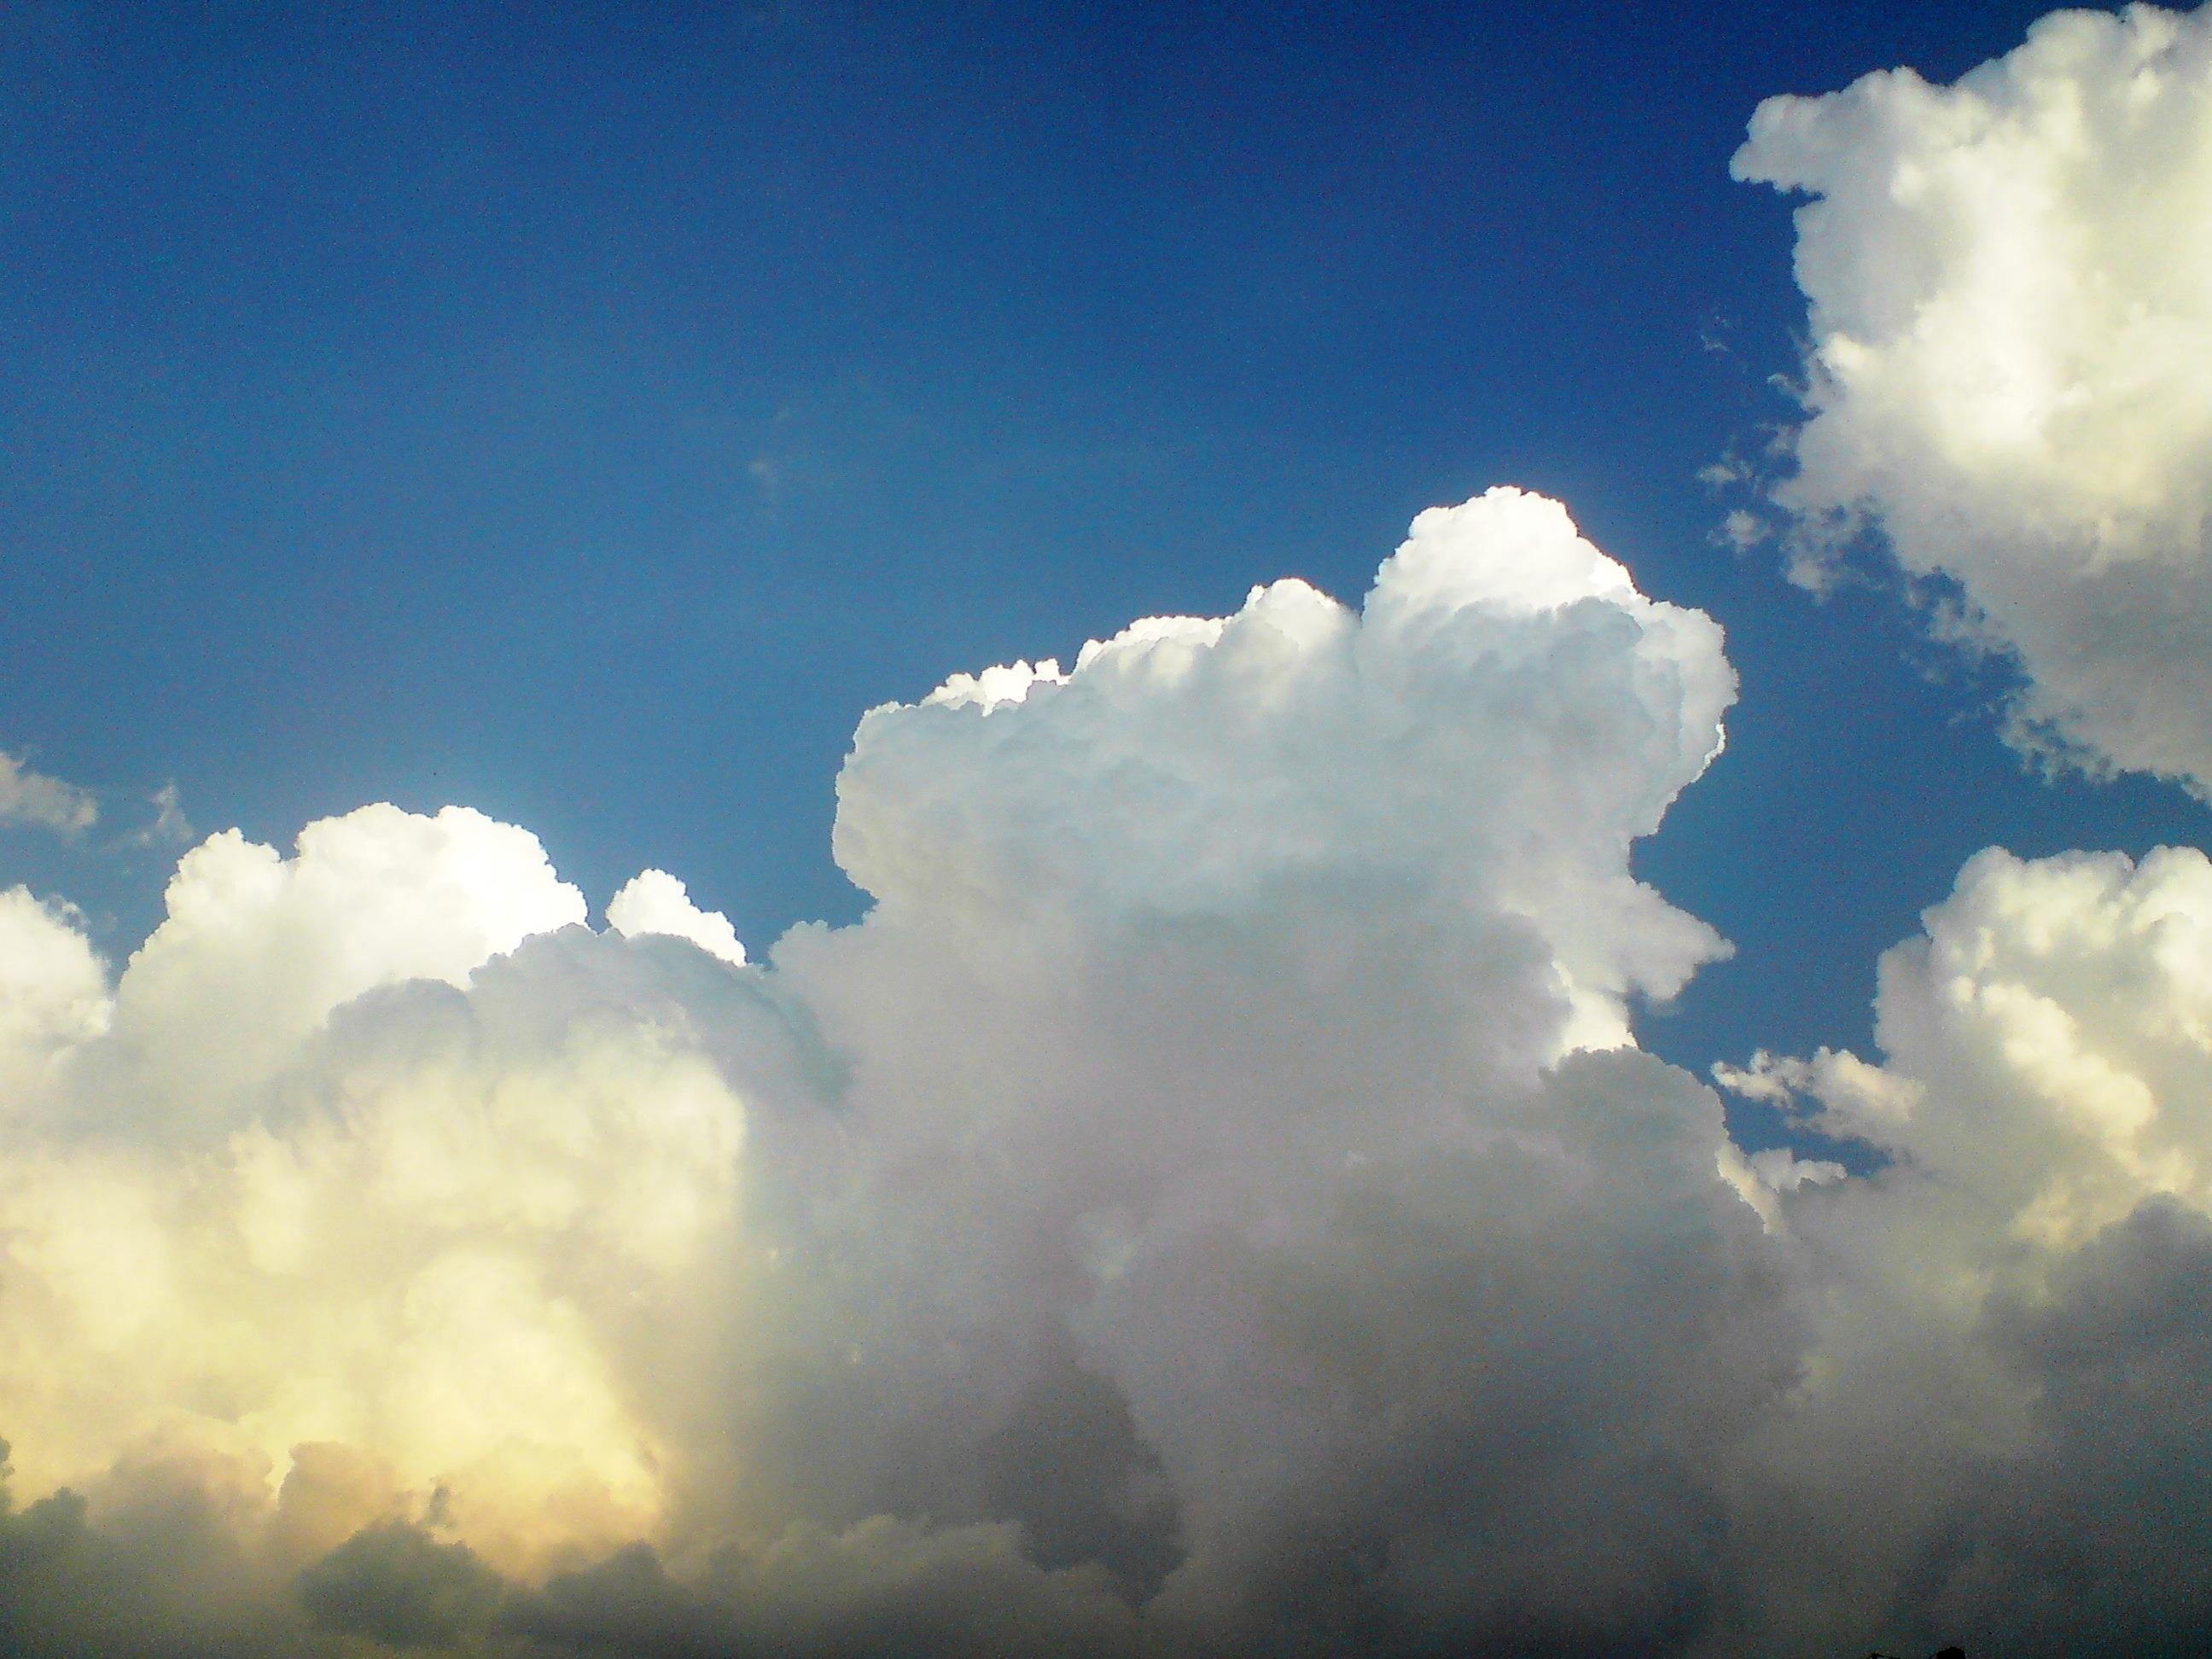 часть облако фото высокого качества актрису